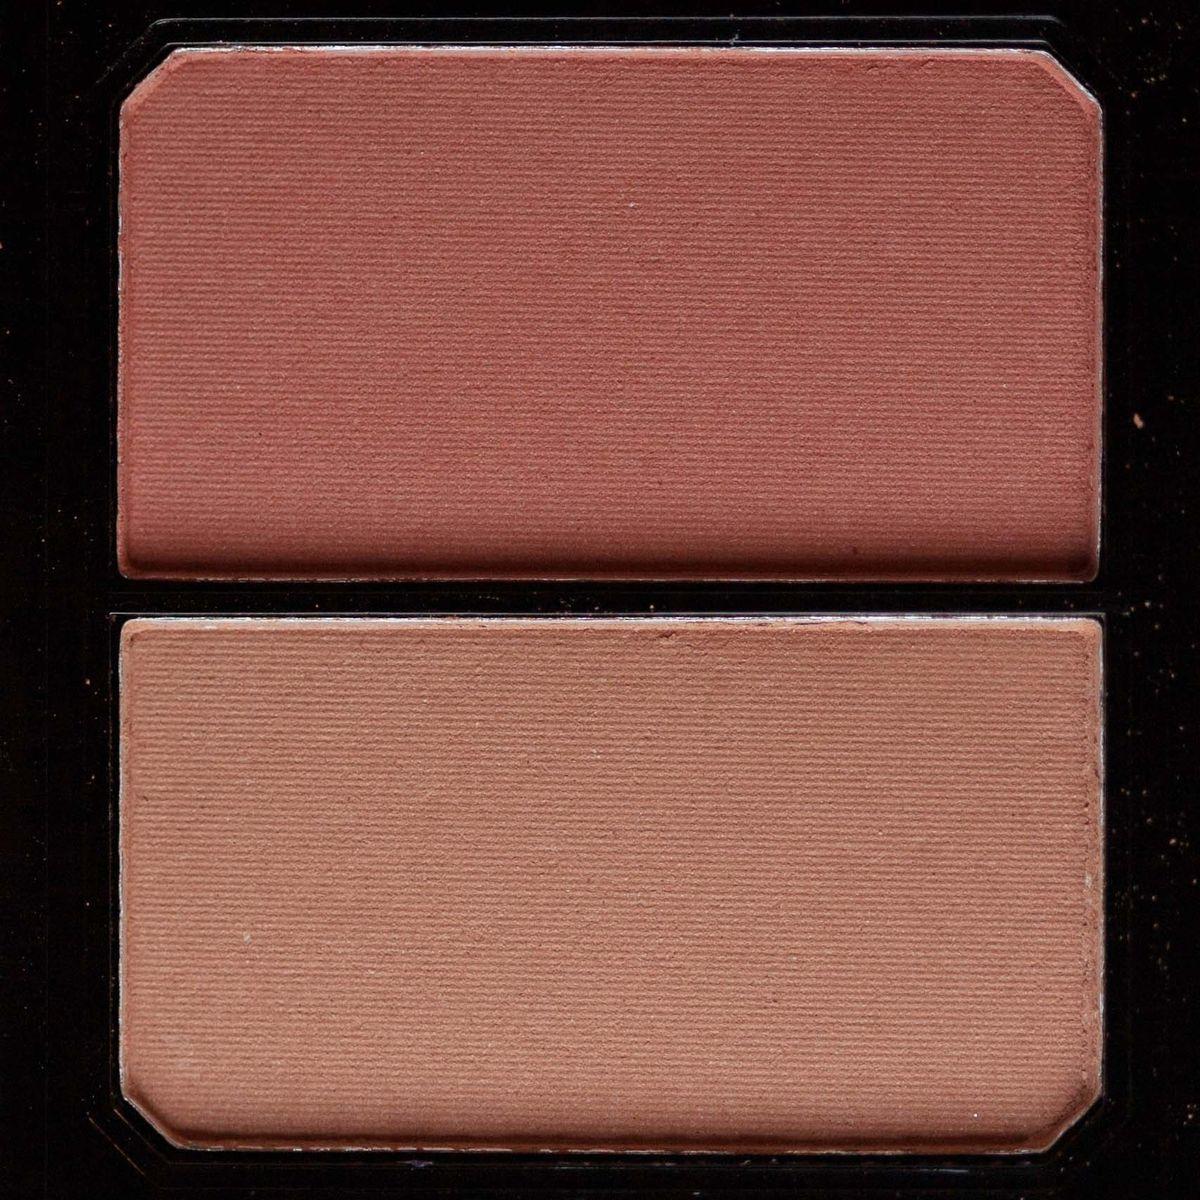 Румяна Parisa B-702, №04 Коричнево-розовый, 5 г